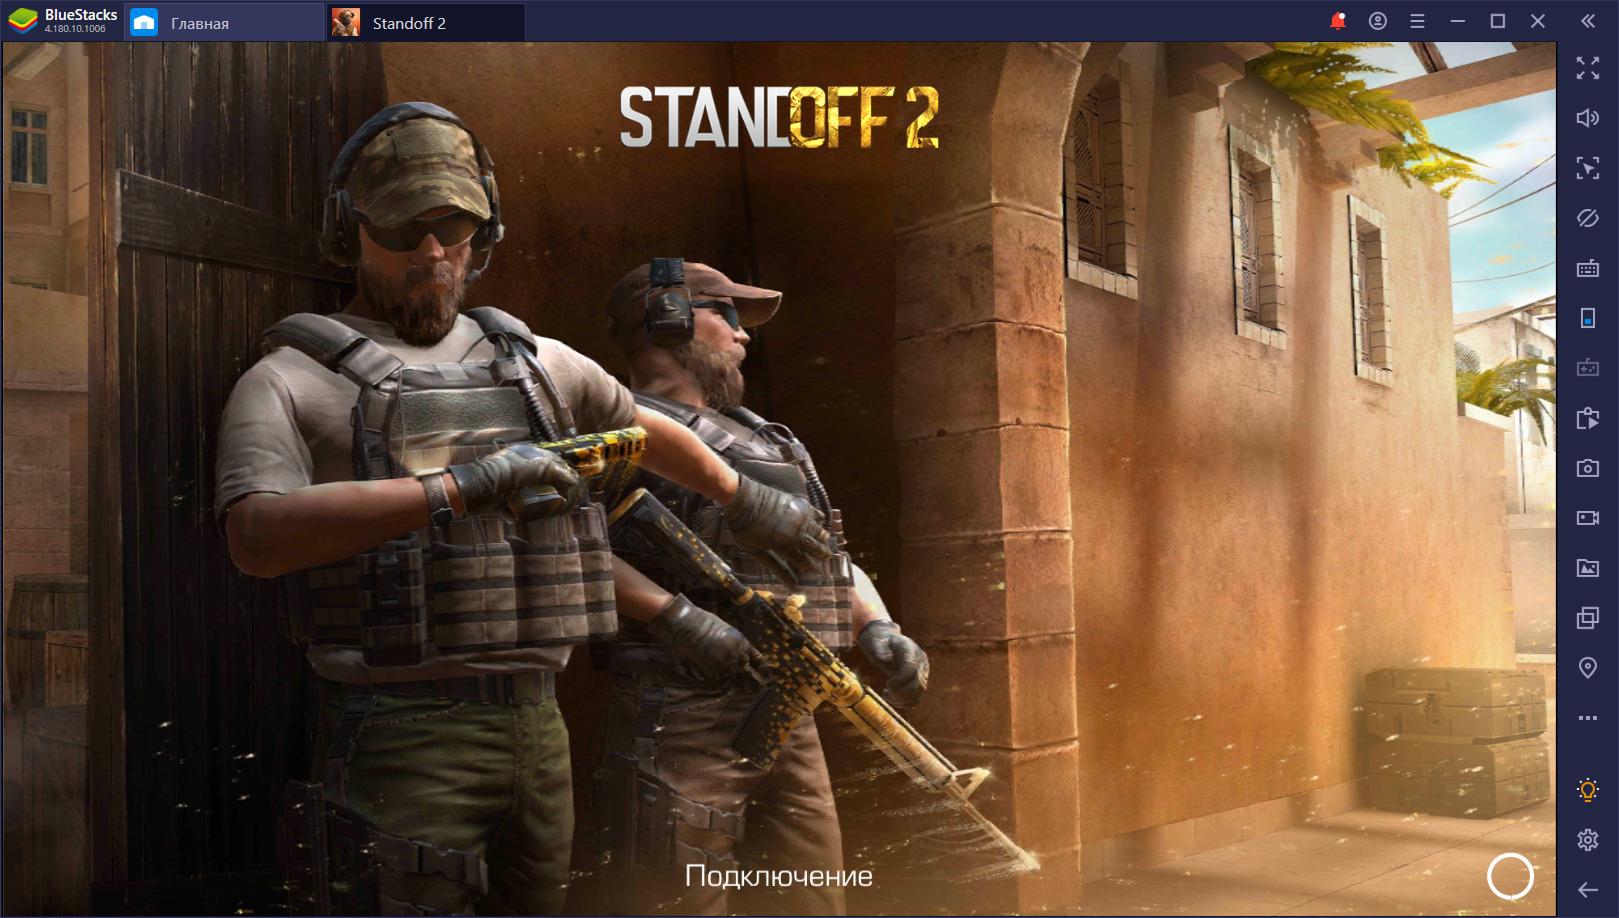 10 игр, в которые стоит поиграть на BlueStacks во время карантина